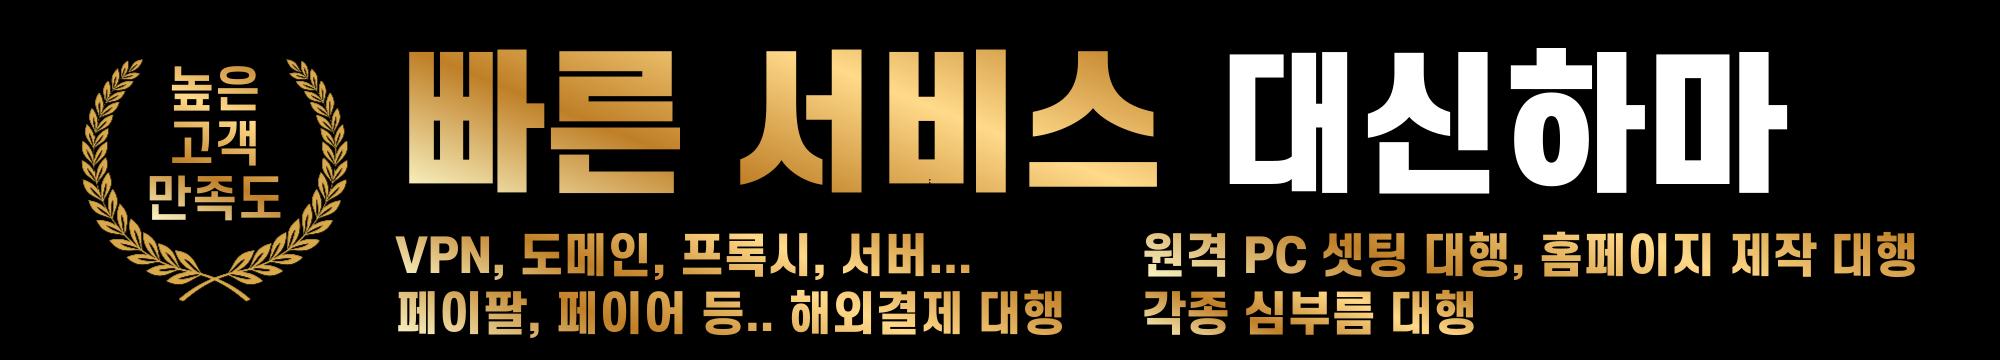 페이팔 결제대행-해외 결제대행-도메인-서버-결제대행-대신하마-배너1